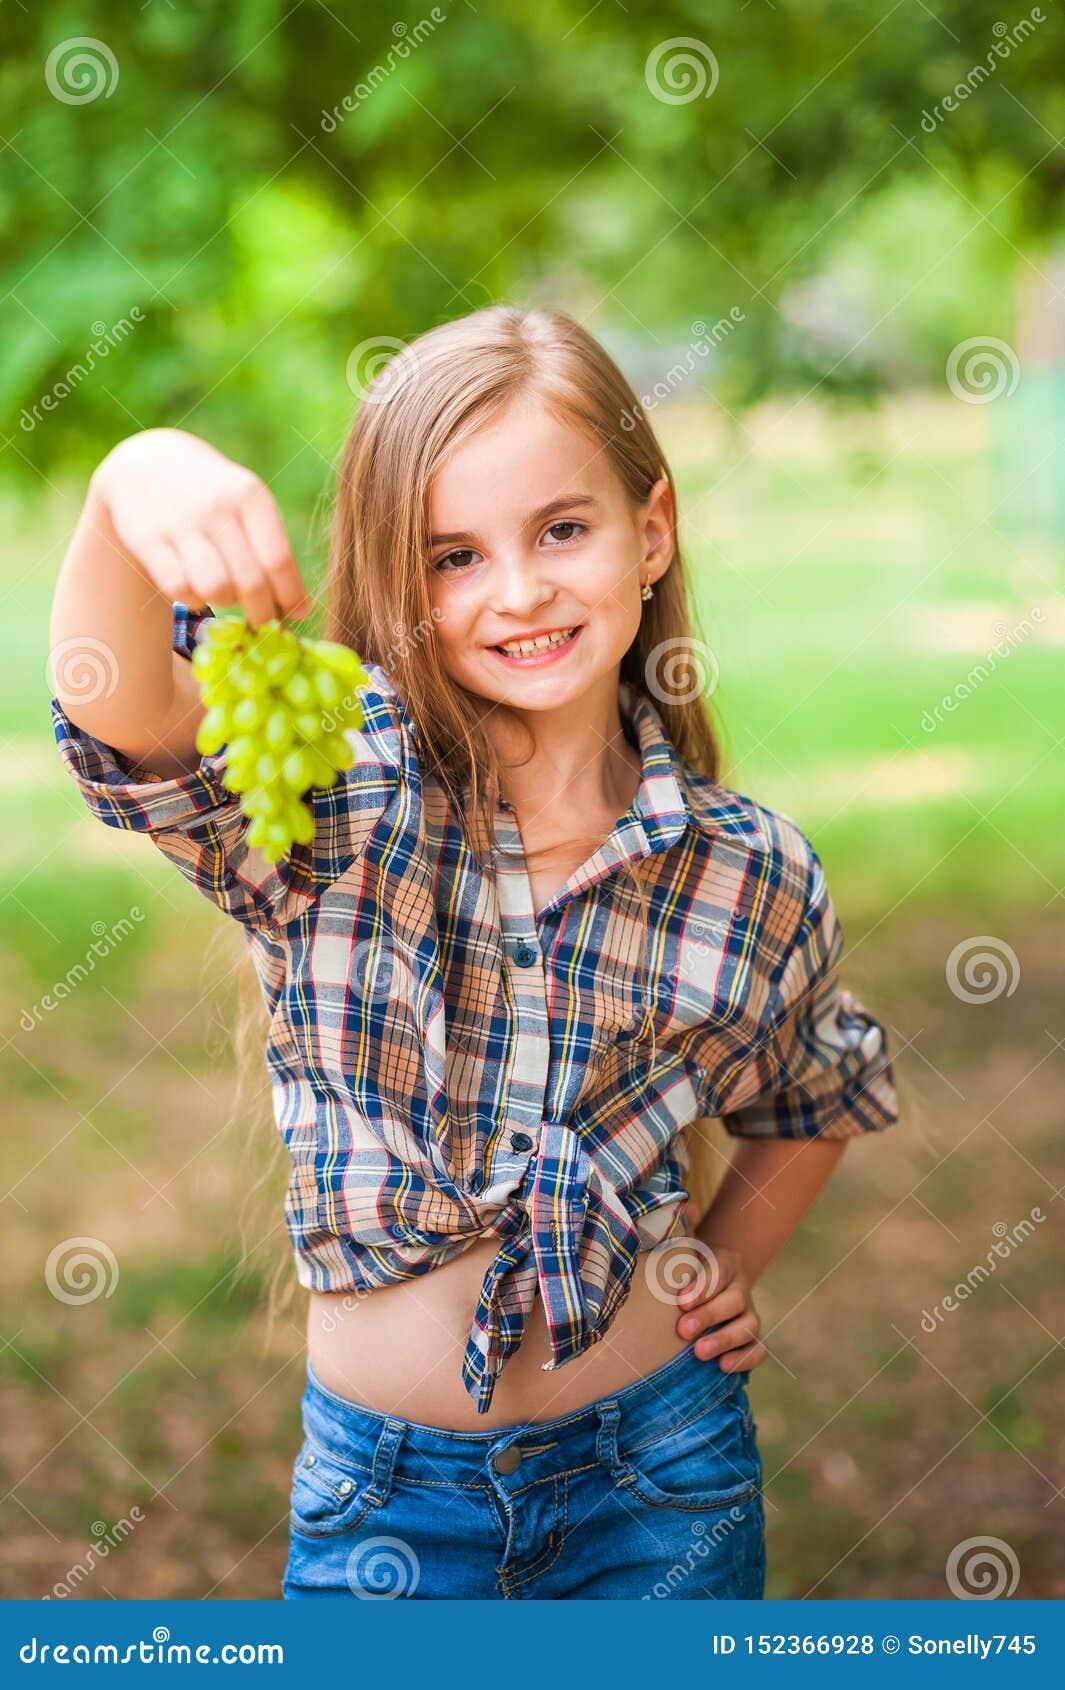 拿着一束绿色葡萄特写镜头的格子衬衫和牛仔裤的女孩 收获葡萄和女孩的种植园的概念